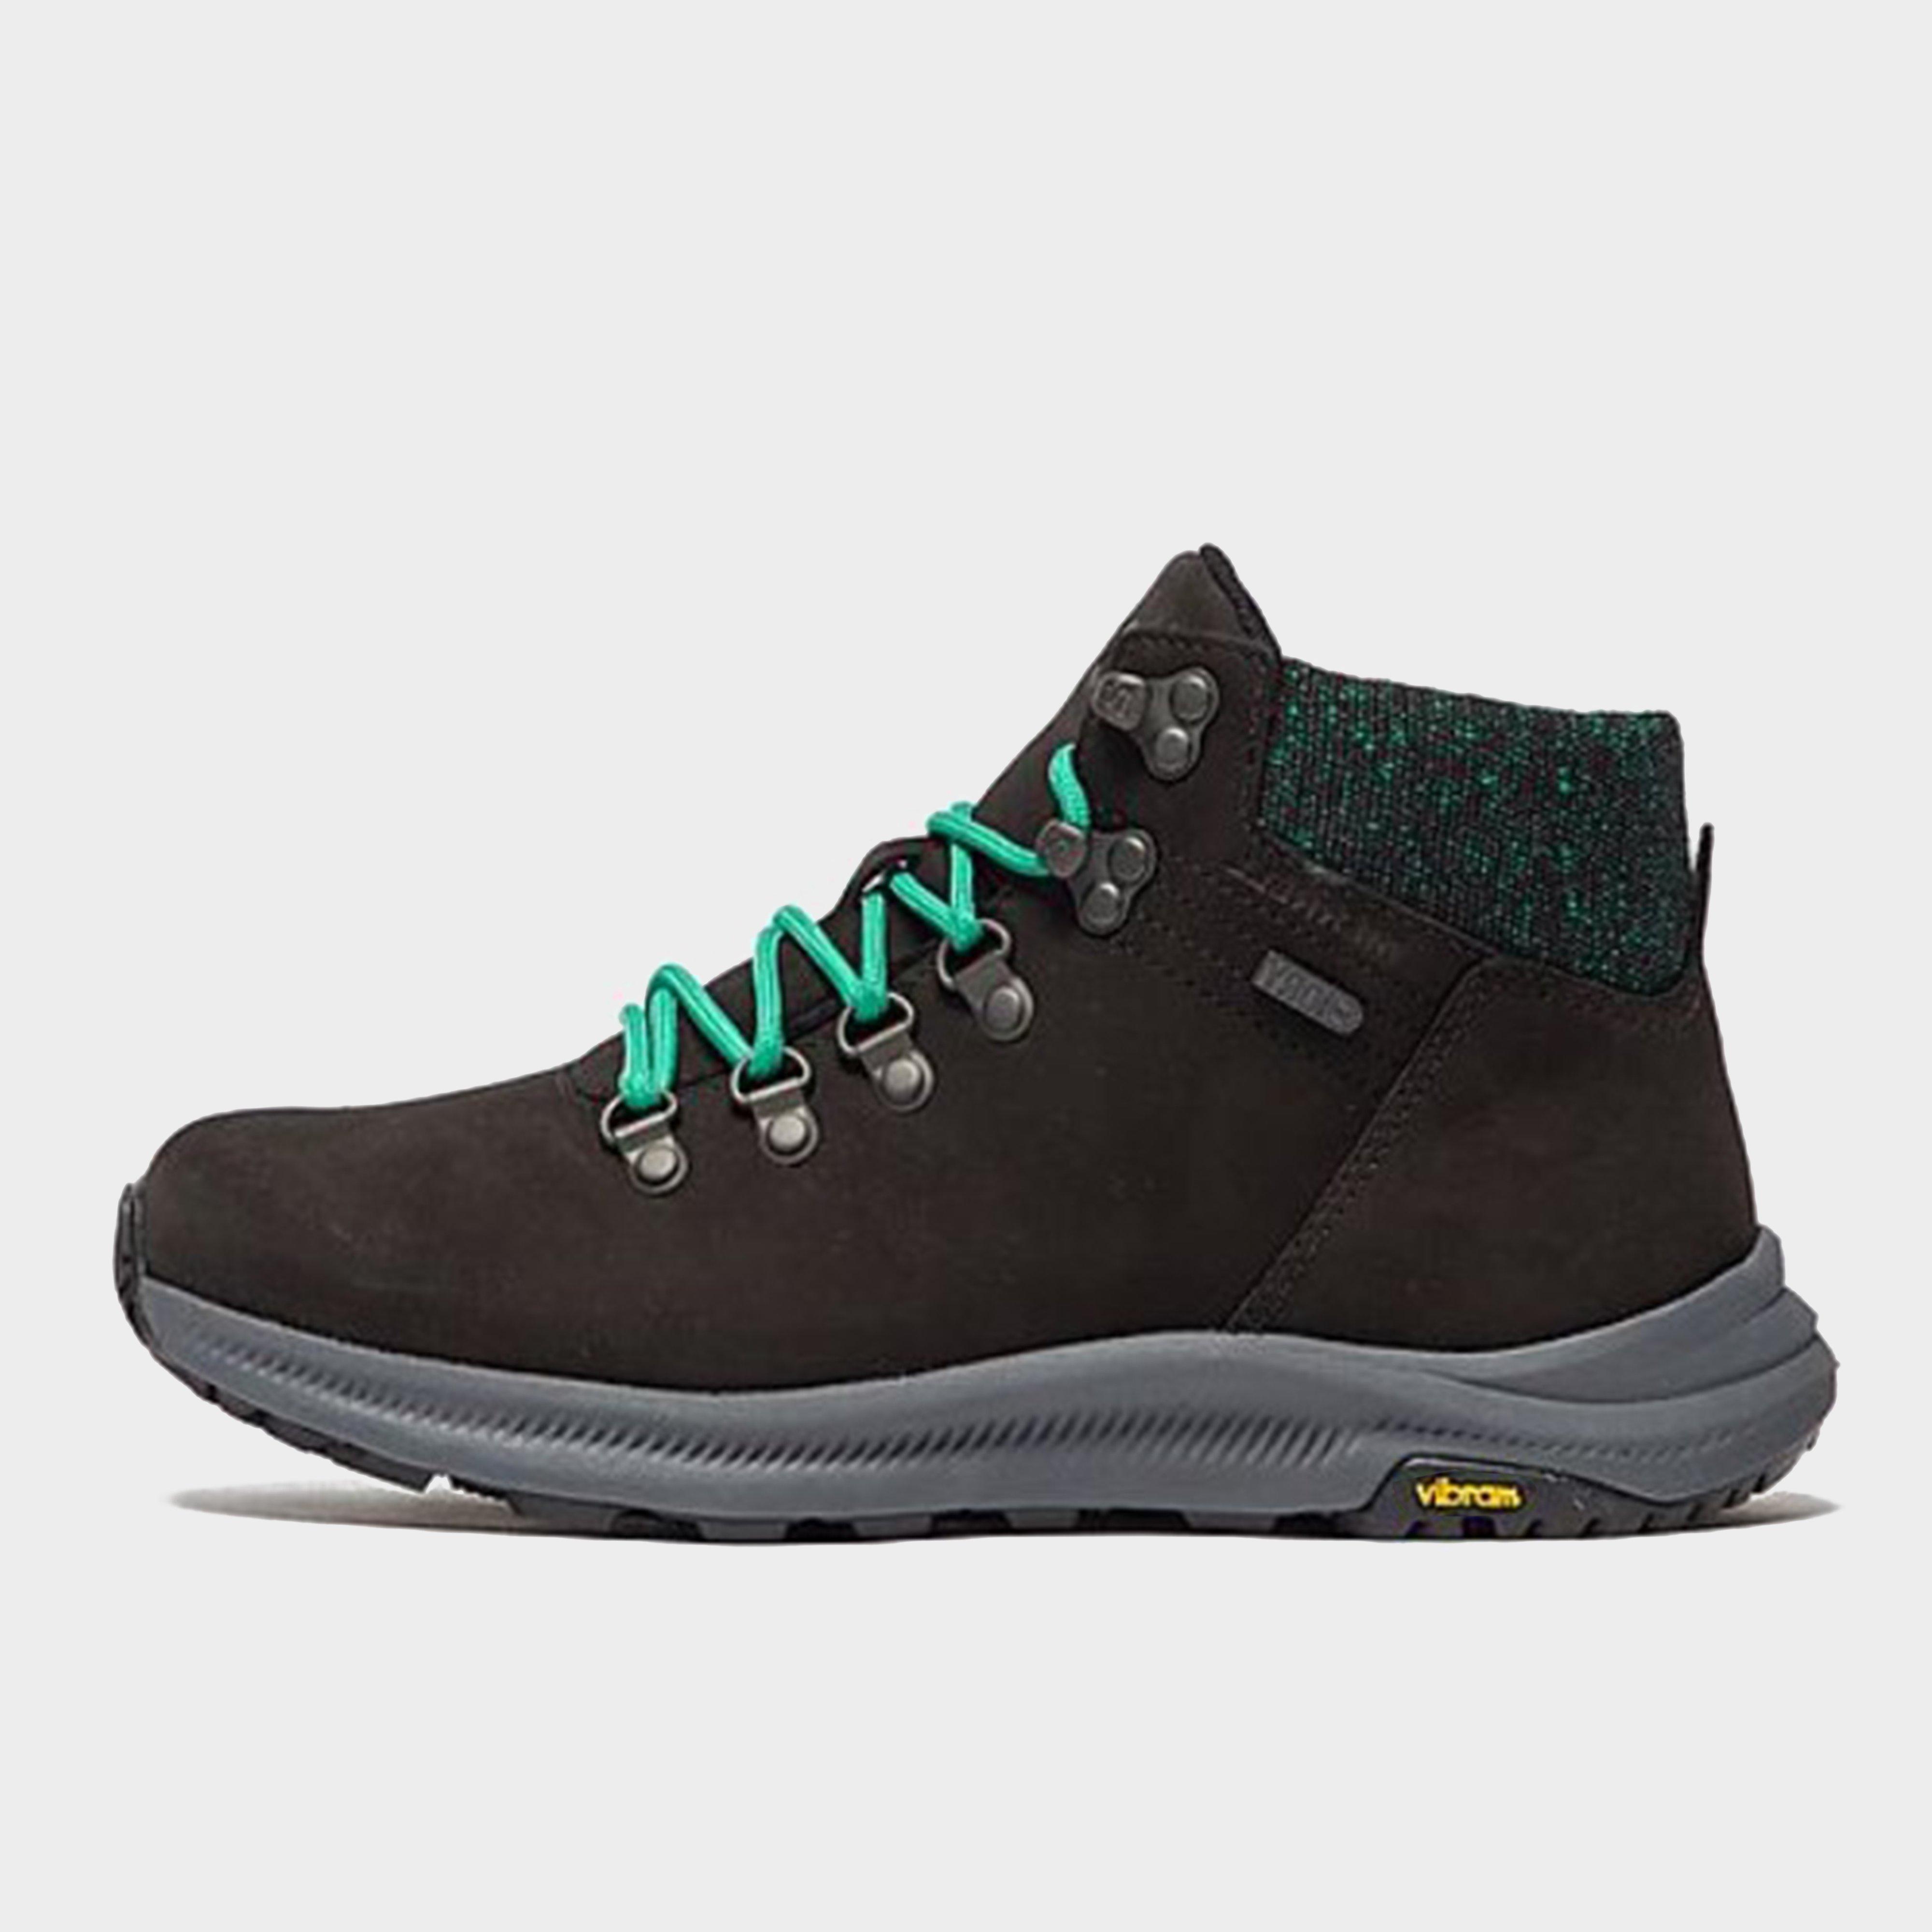 3594fb15512 Women's Ontario Mid Waterproof Walking Boots